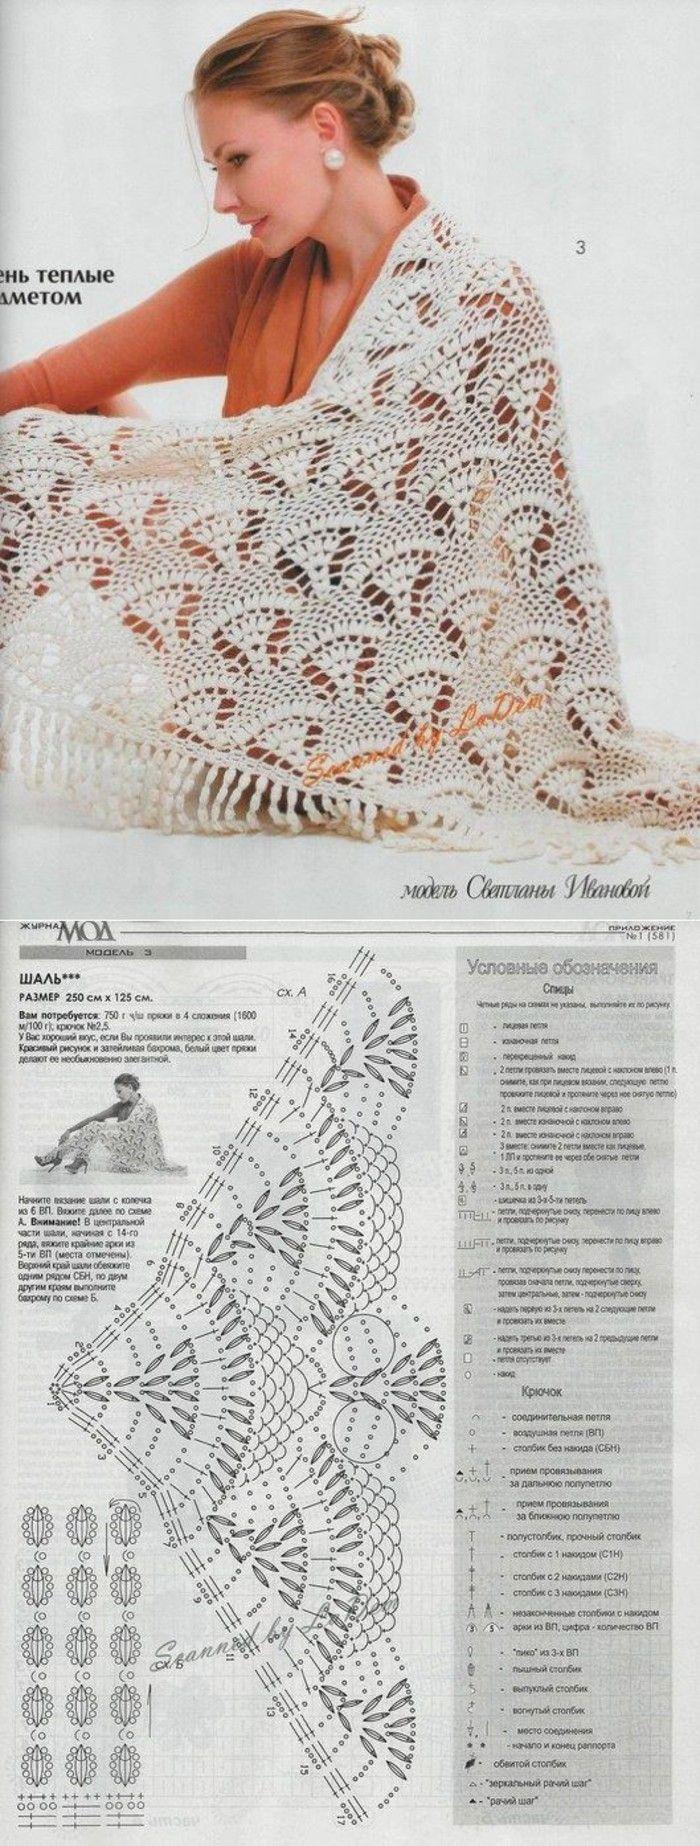 Crochet patterns - Haak patronen | crochet | Pinterest | Chal ...